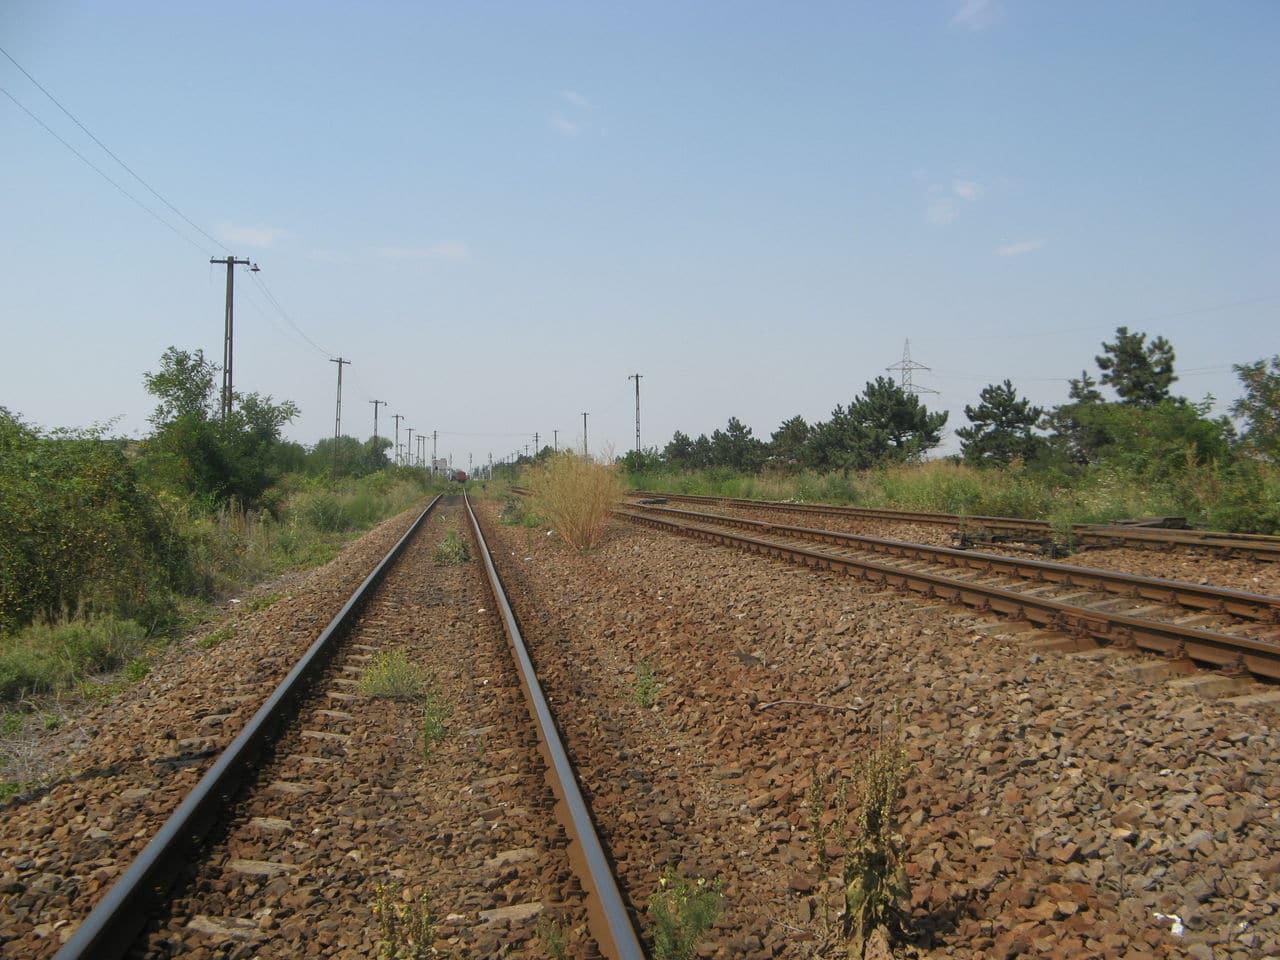 Calea ferată directă Oradea Vest - Episcopia Bihor IMG_0071